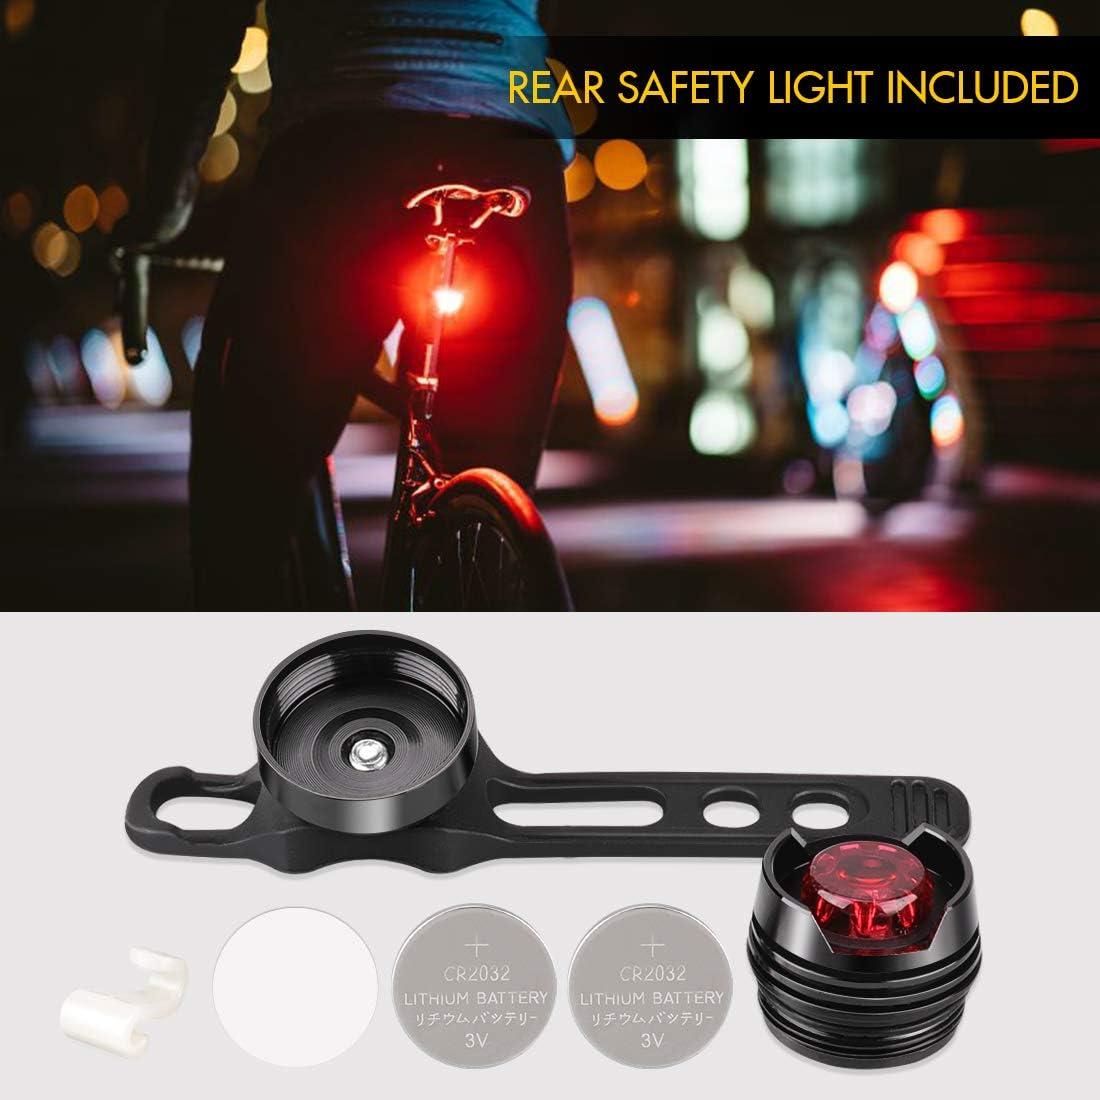 LETION Luz Bicicleta,Luces Bicicleta Recargable USB con 800 L/úmenes,Linterna Bicicleta con Luz Bicicleta Delantera Impermeable y Tiempo de Ejecuci/ón 5 horas para Carretera y Monta/ña